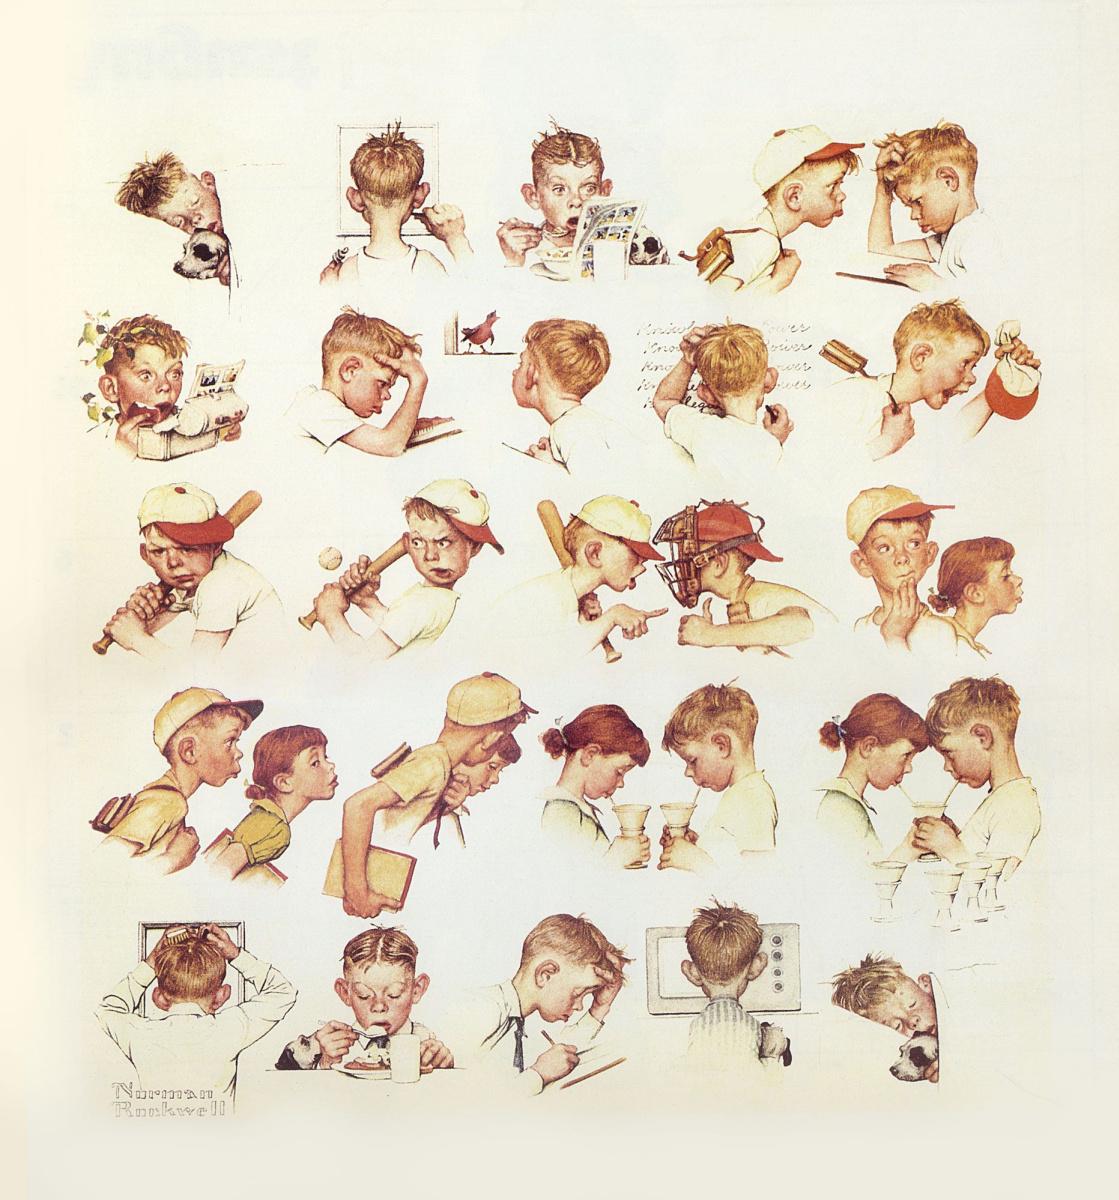 """Норман Роквелл. Один день из жизни маленького мальчика. Обложка журнала """"The Saturday Evening Post"""" (24 мая 1952 года)"""